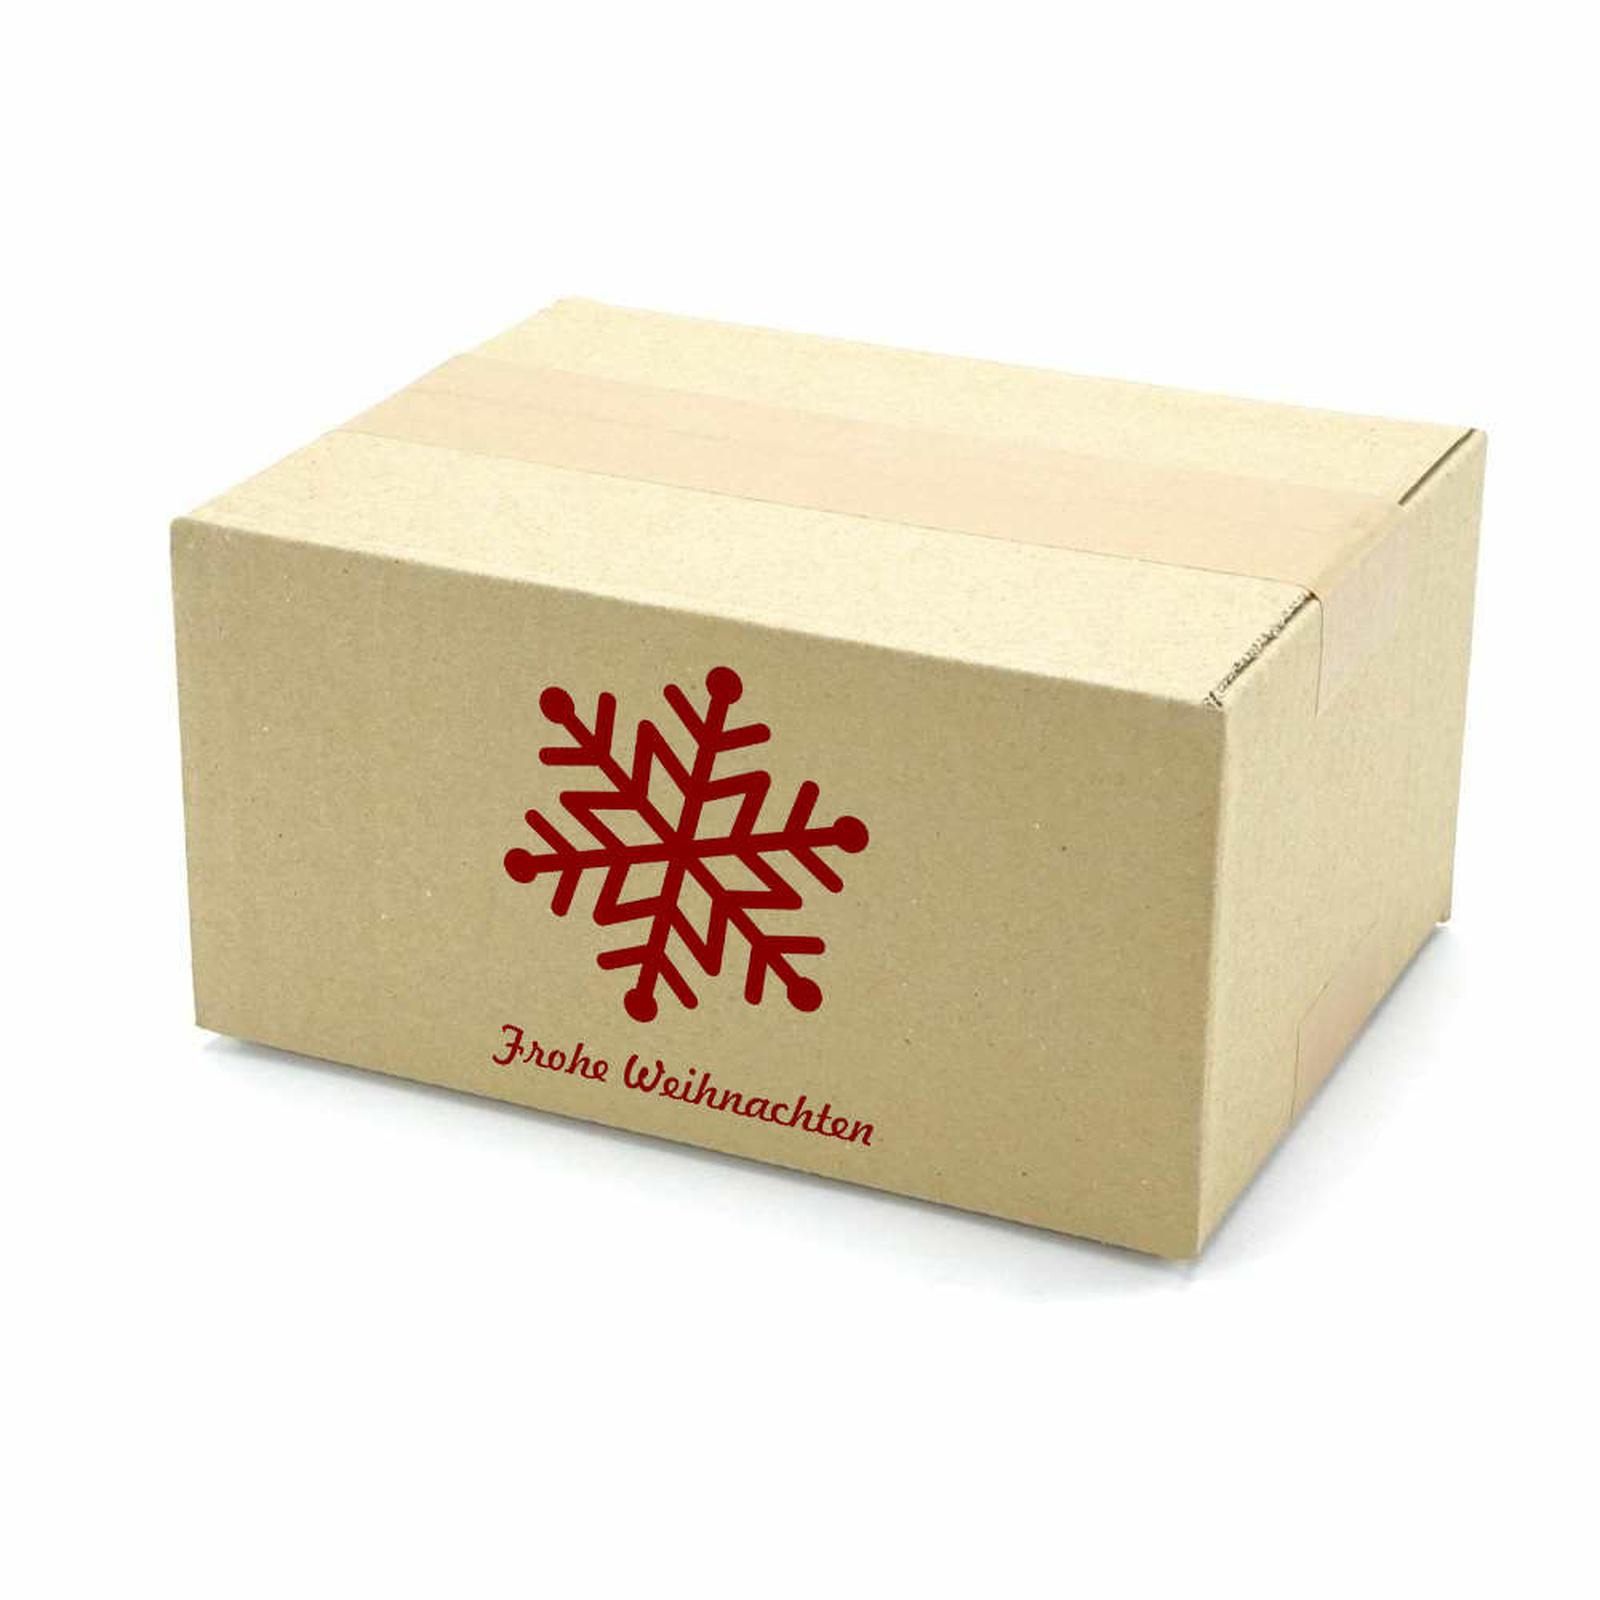 einwellige kartons 200x150x100 mm mit weihnachtsmotiv. Black Bedroom Furniture Sets. Home Design Ideas